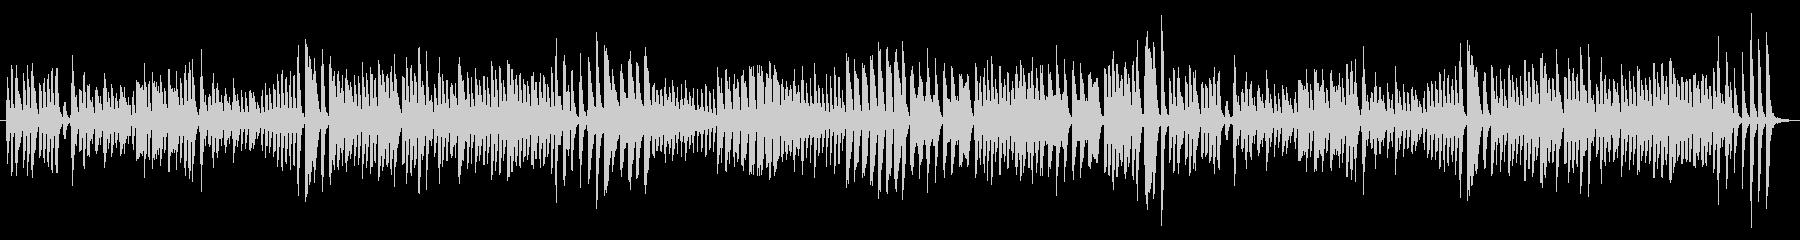 クシコスポスト ピアノ連弾の未再生の波形